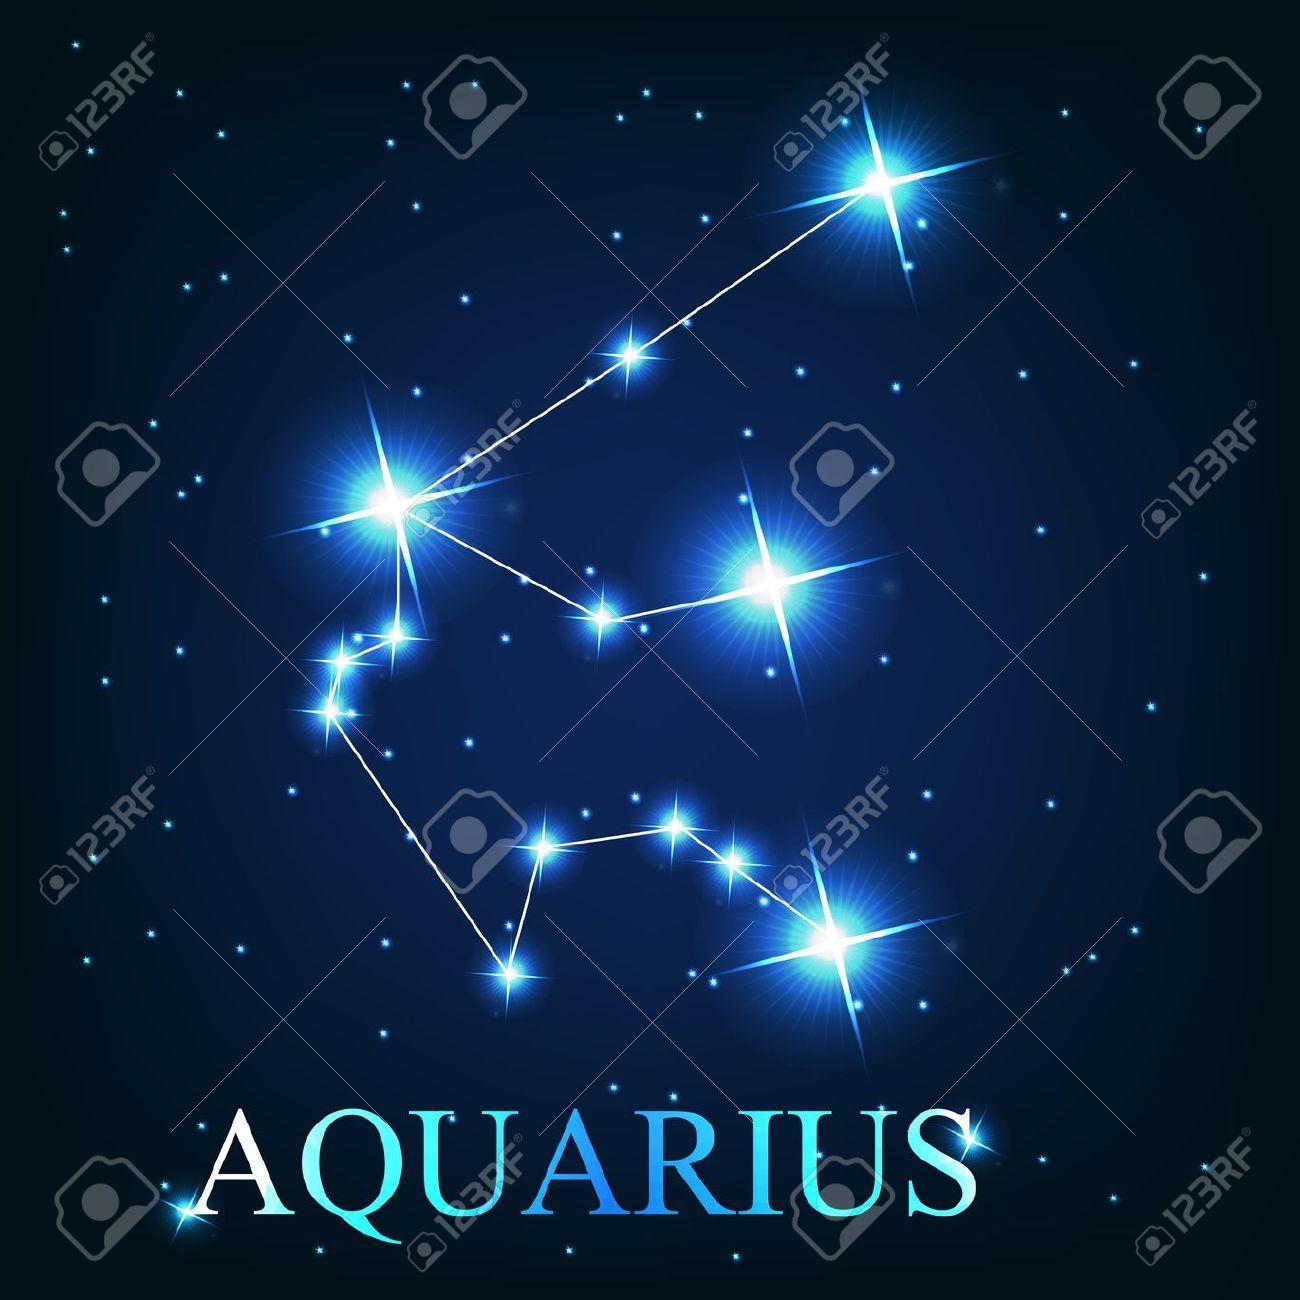 Rsultat De Recherche Dimages Pour Aquarius Star Sign Symbol